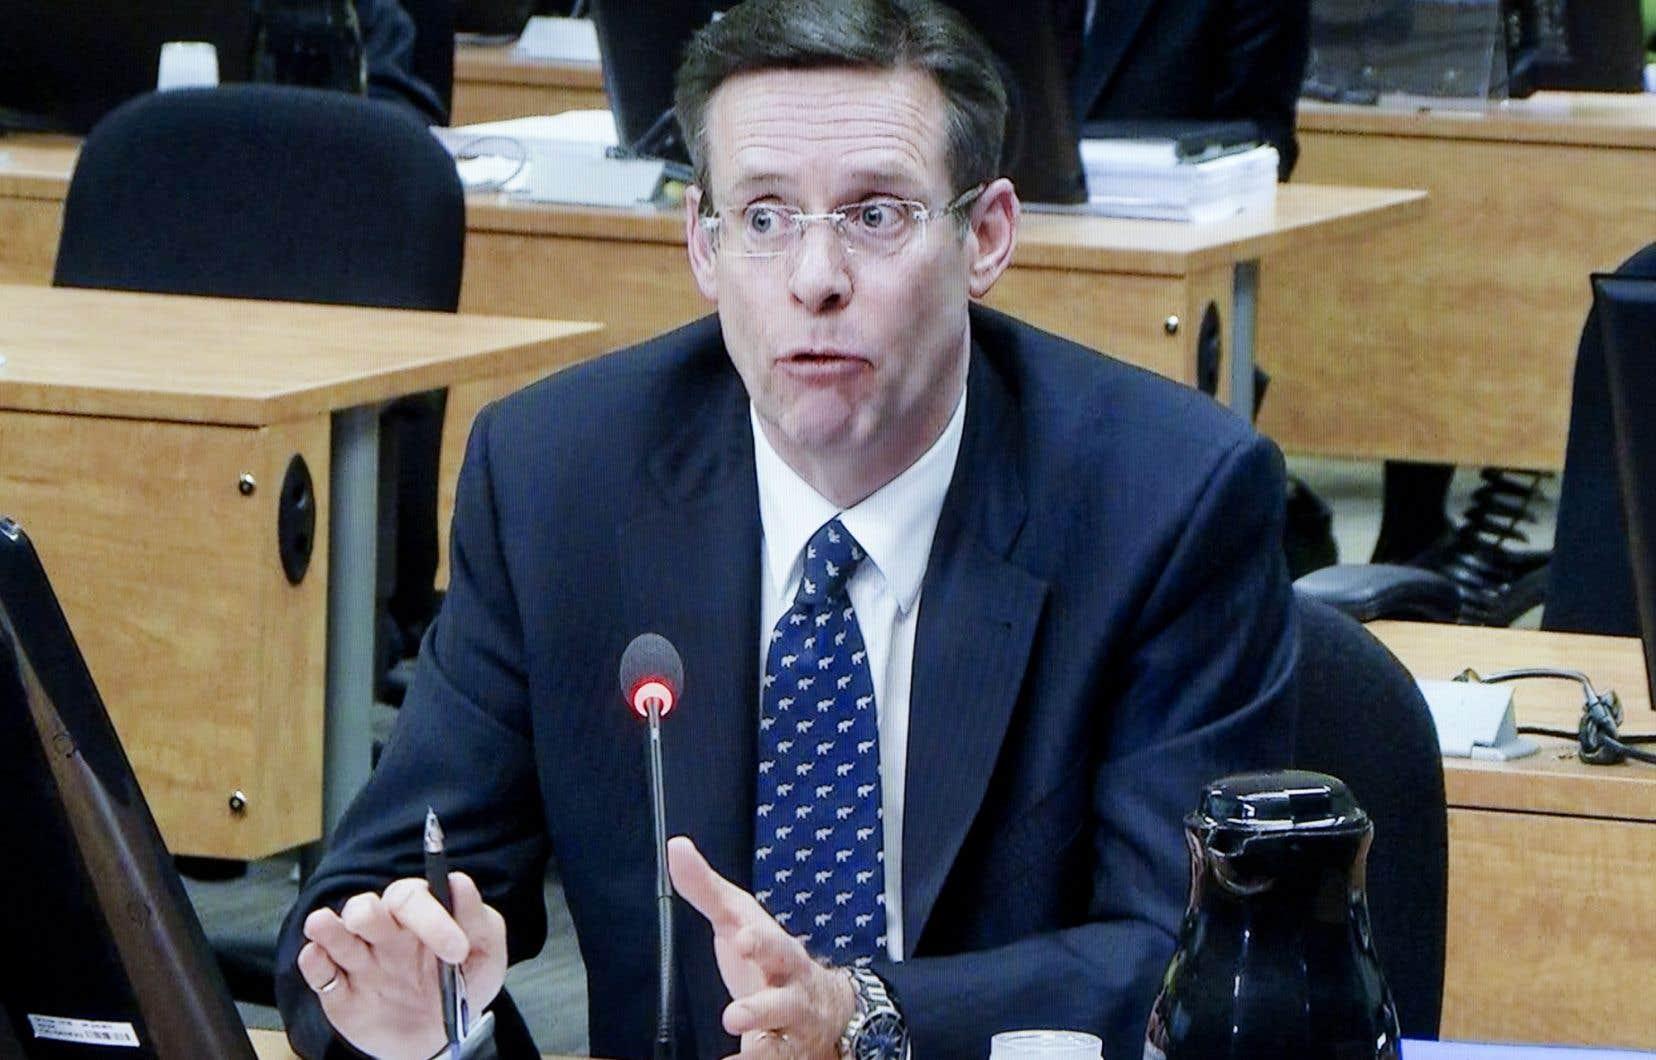 Robert Marcil lors de son passage à la commission Charbonneau en avril dernier.